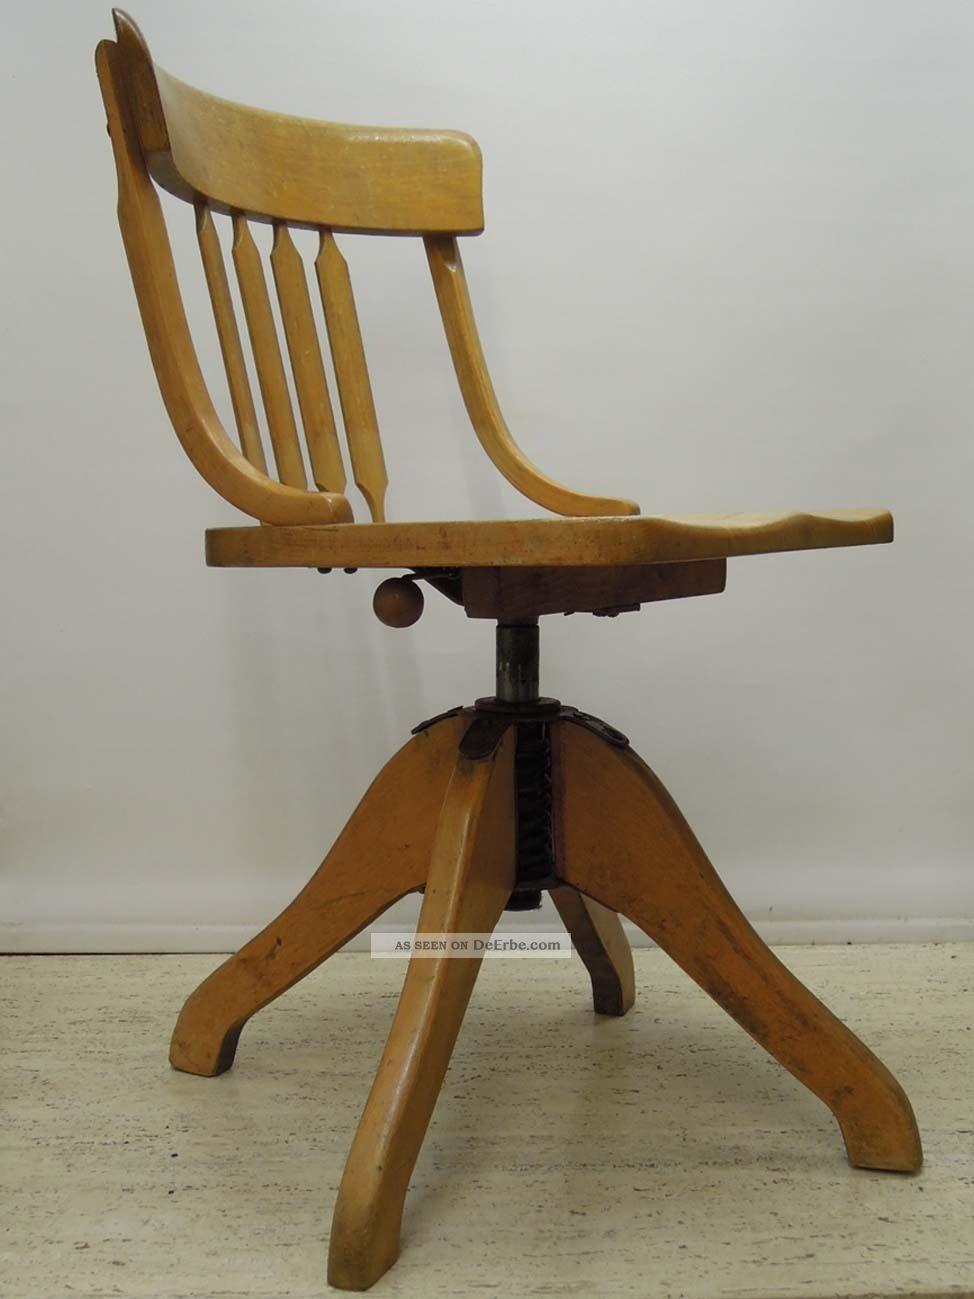 50er jahre federdreh b rostuhl schreibtisch stuhl for Stuhl design epochen